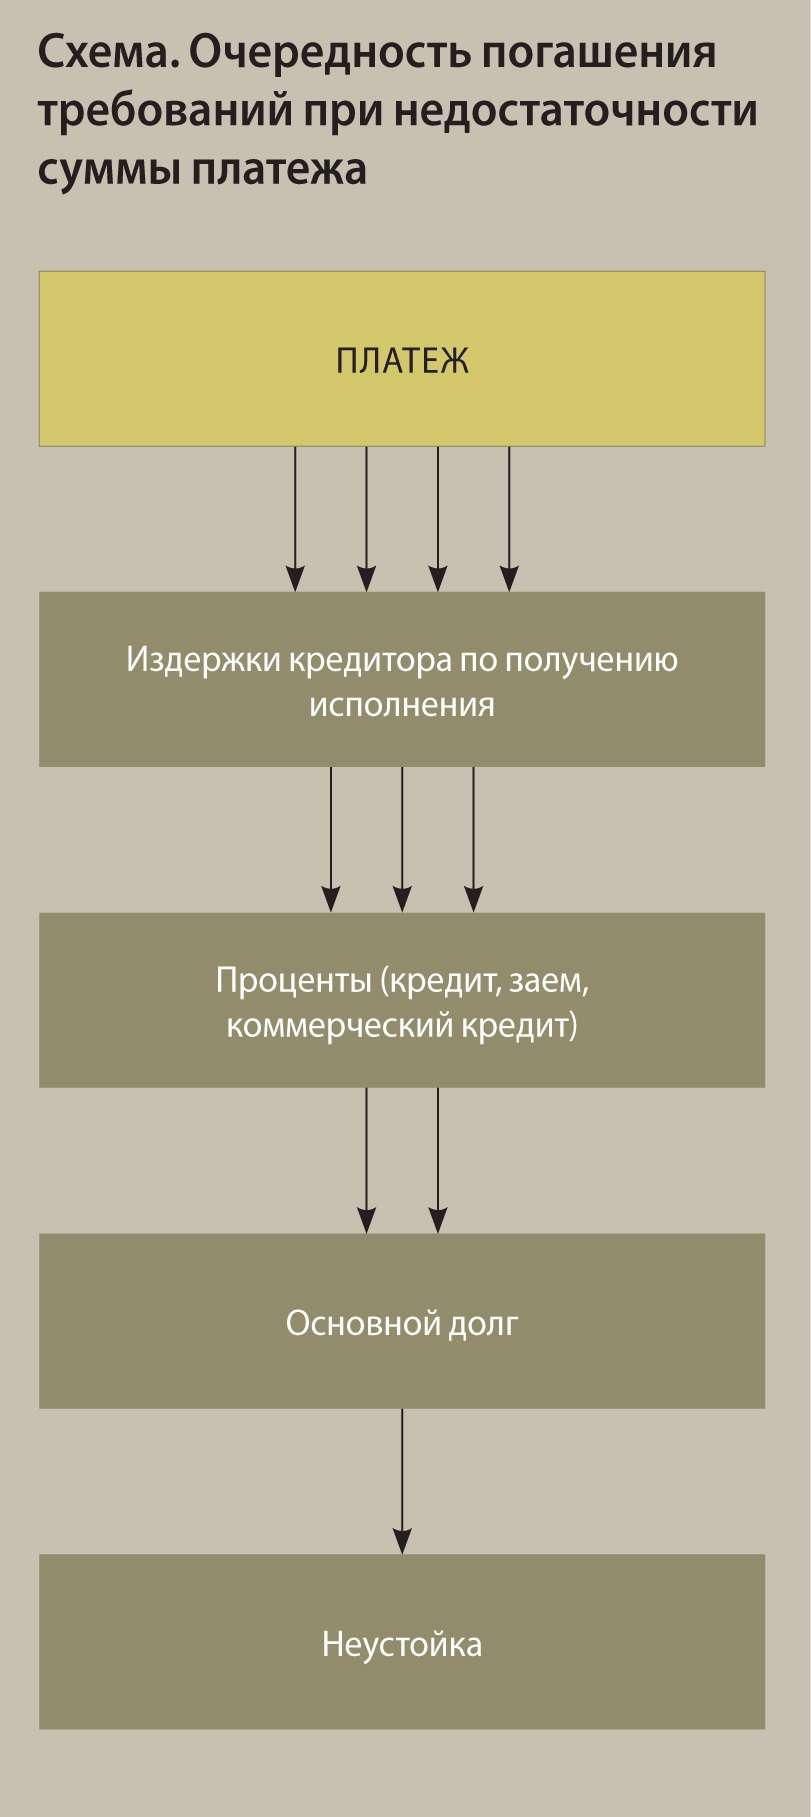 в первую очередь погашается основной долг